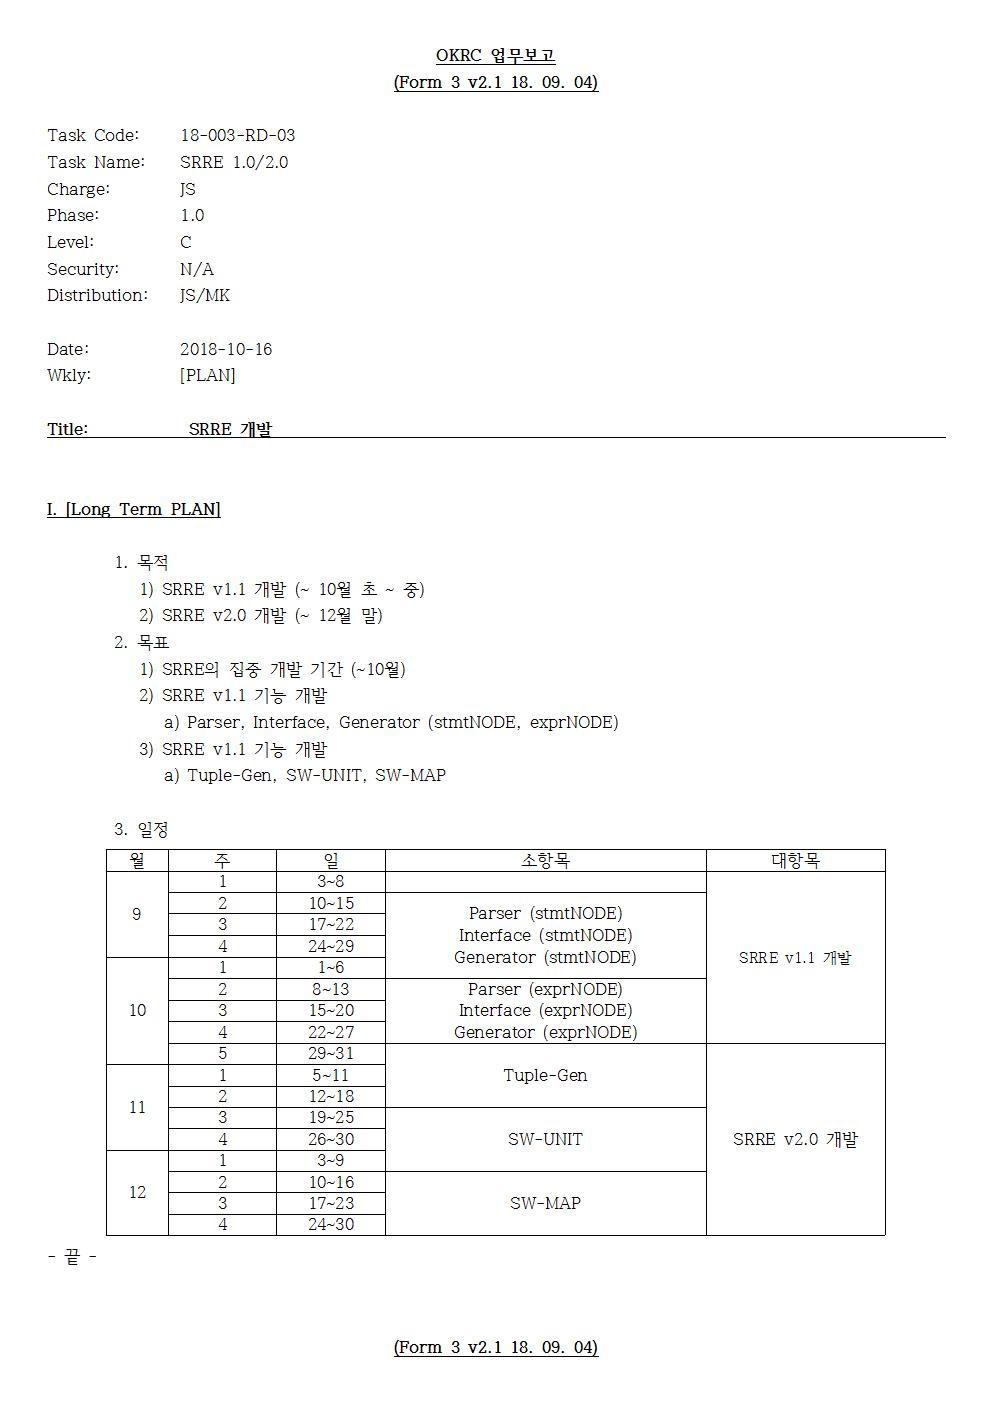 D-[18-003-RD-03]-[SRRE]-[2018-10-16][JS]001.jpg